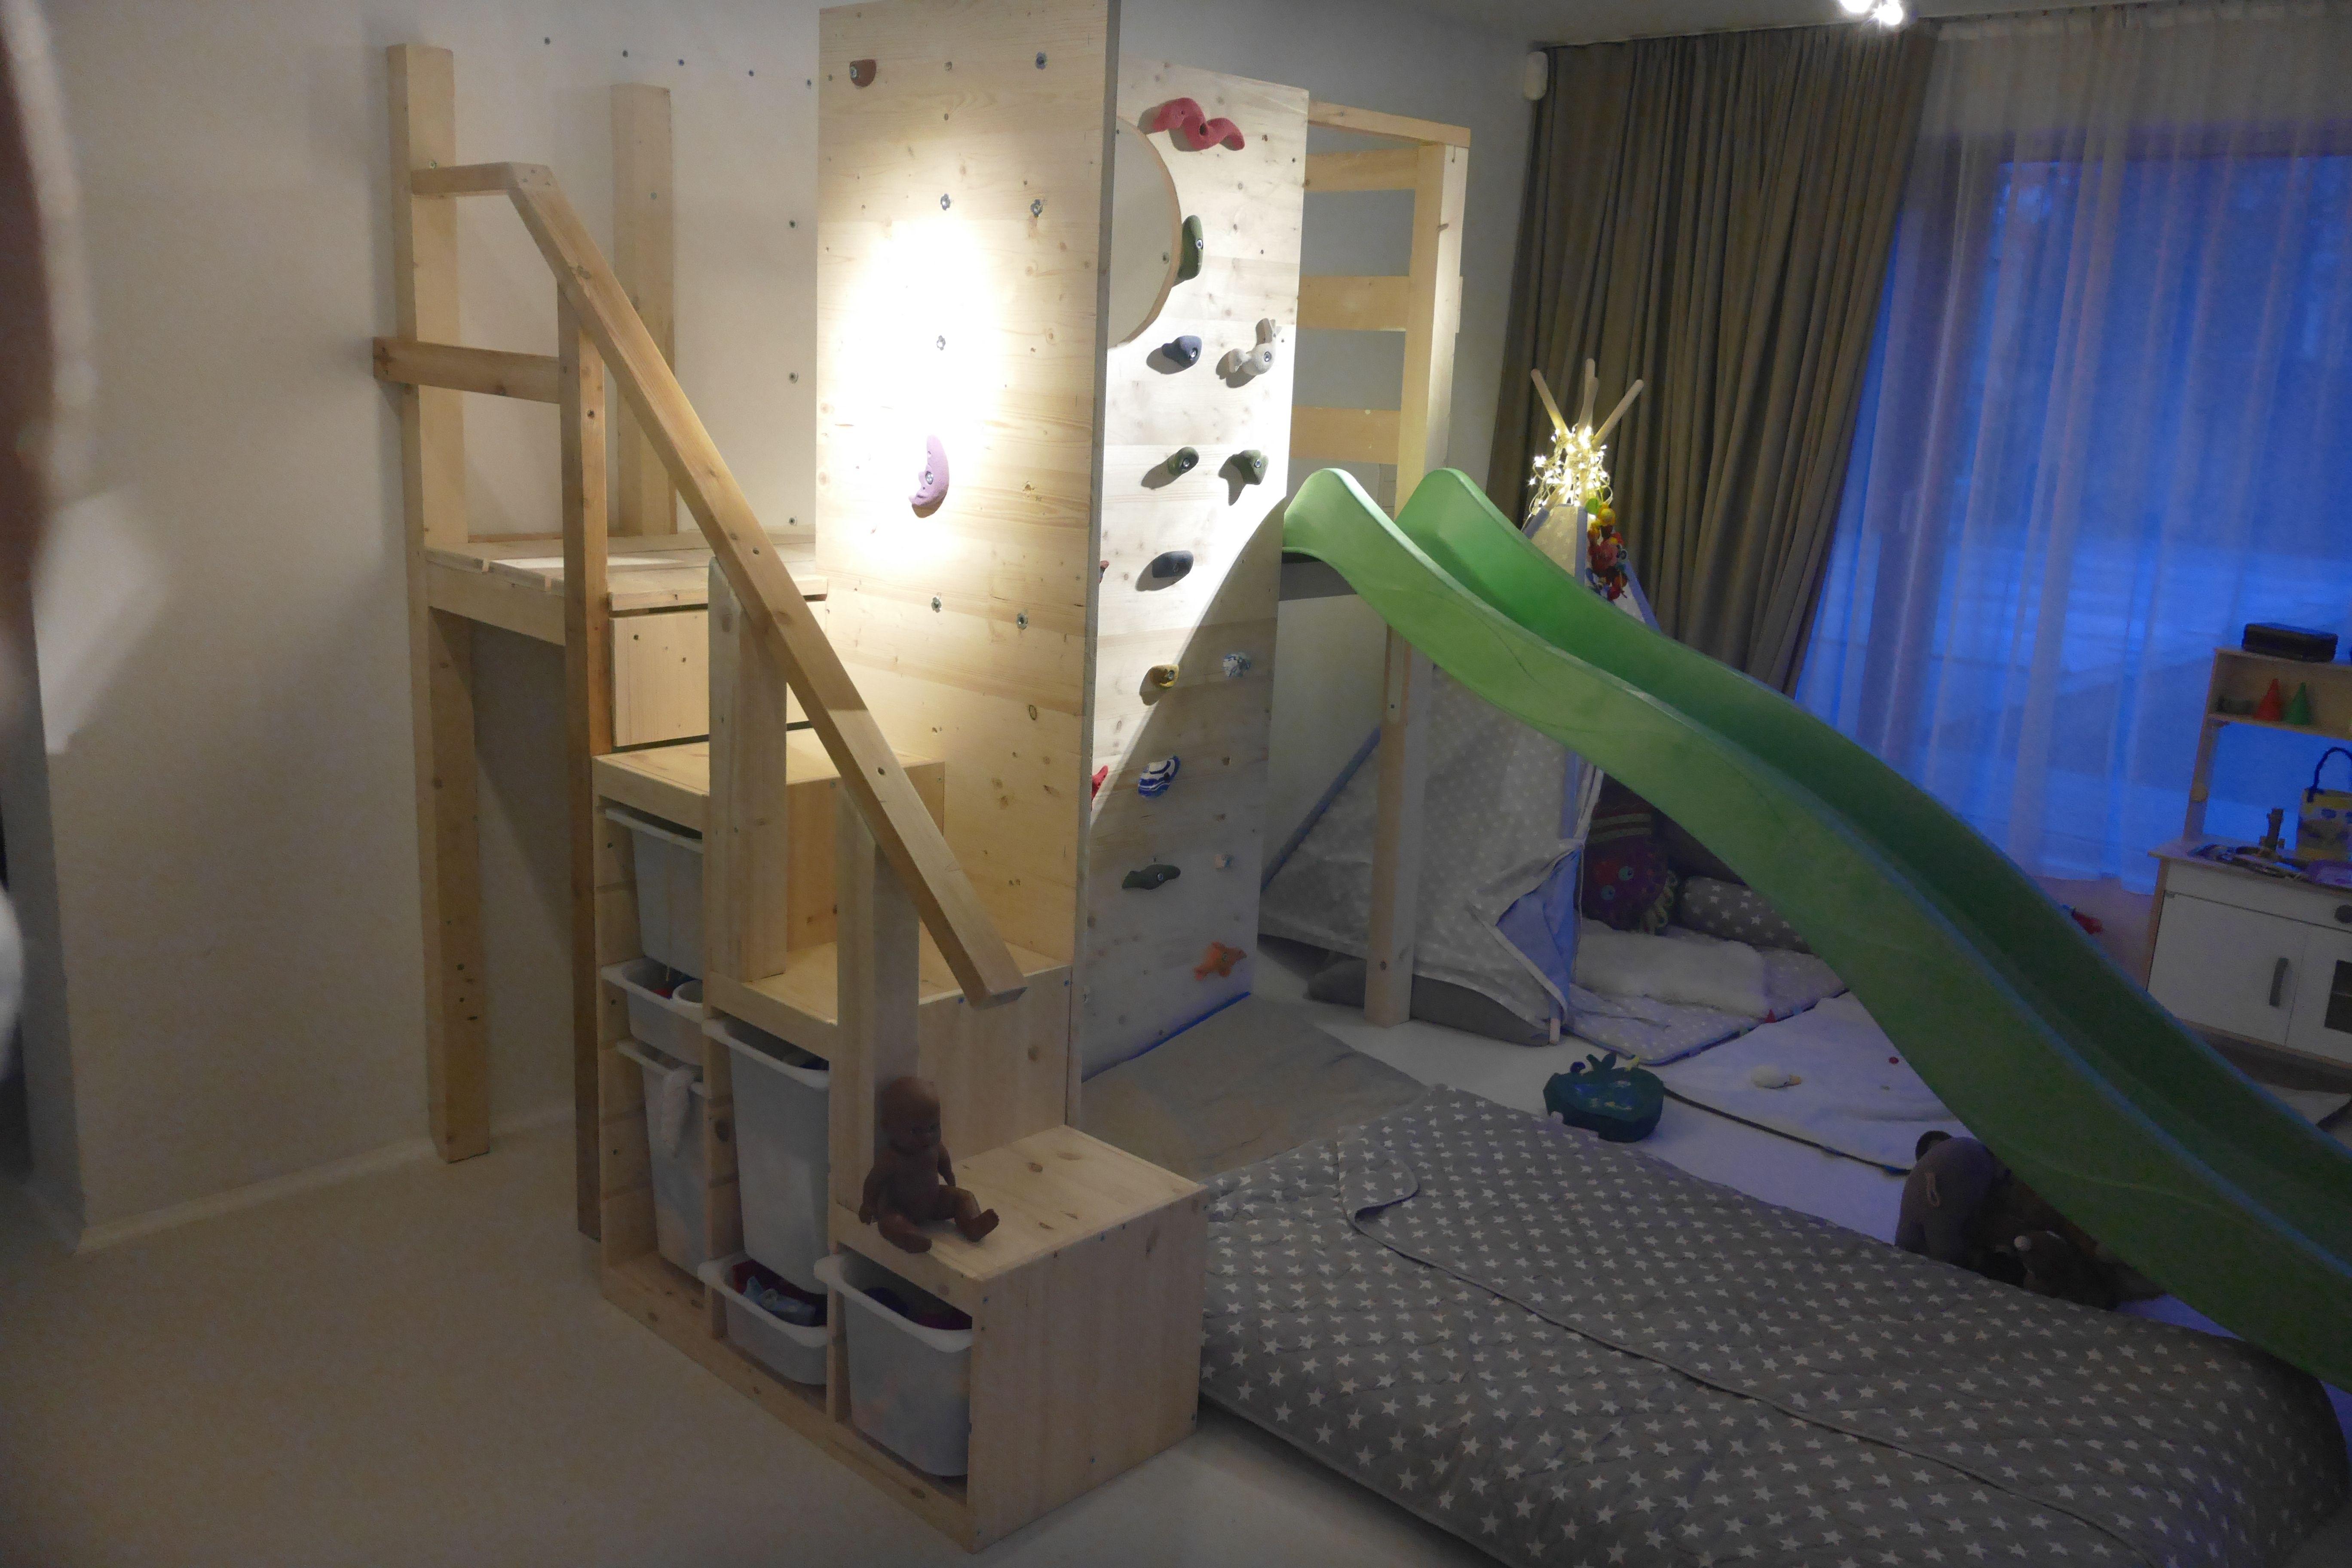 Klettergerüst Ikea : Ikea kletterwand garderobe hÄngig mit haken weihnachtsgeschenke